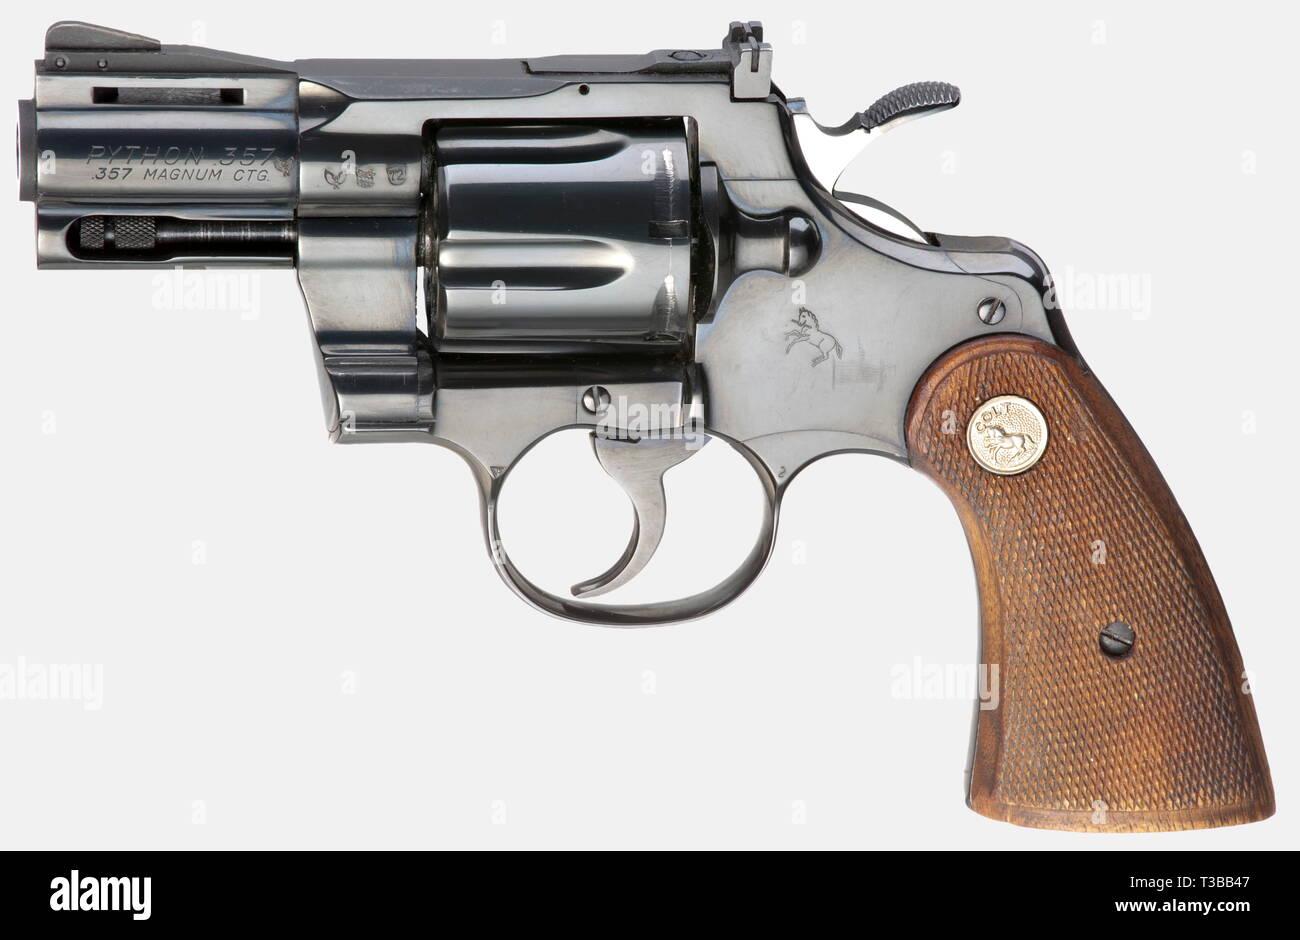 Small arms, revolver, Colt Python Model 1955, caliber  357 Magnum